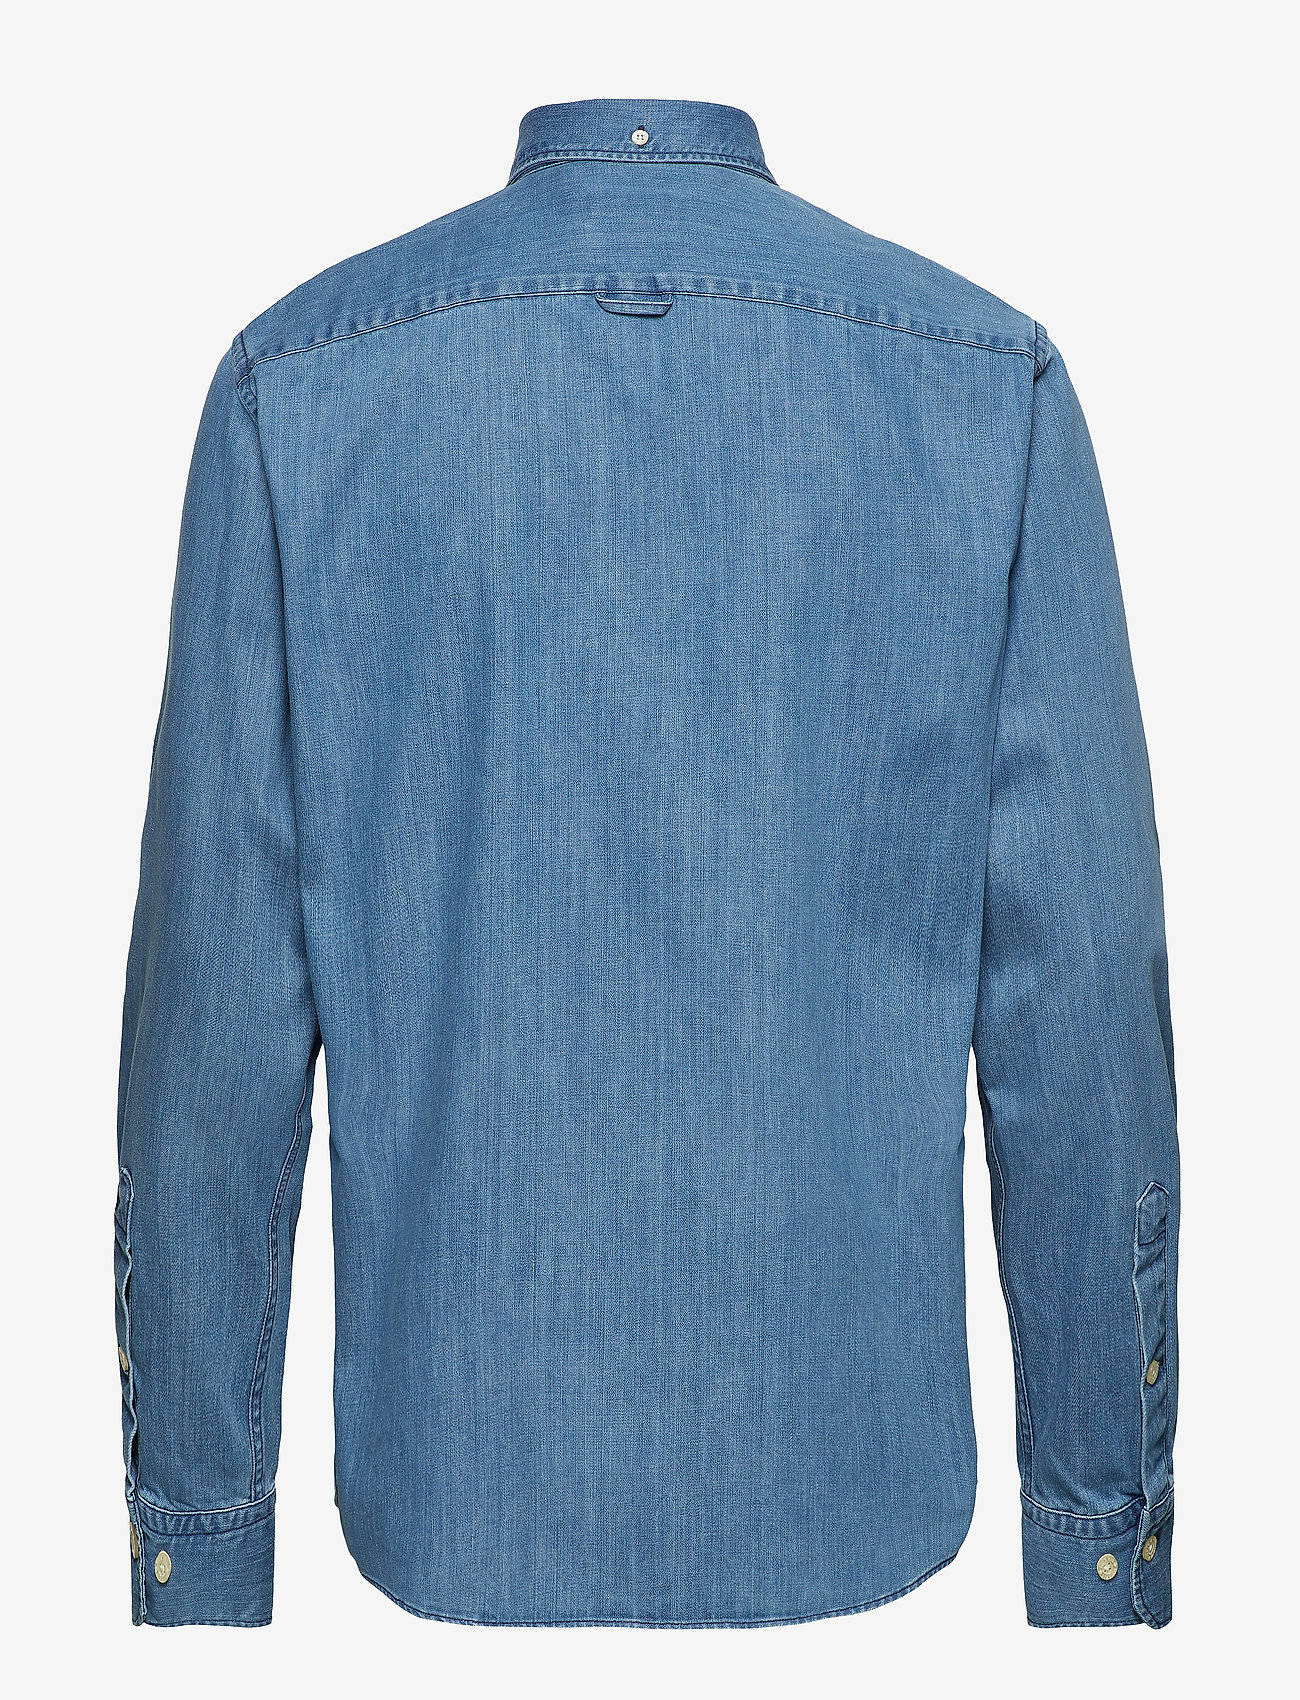 Morris - Cary Grant Denim Shirt - denim shirts - light blue - 1